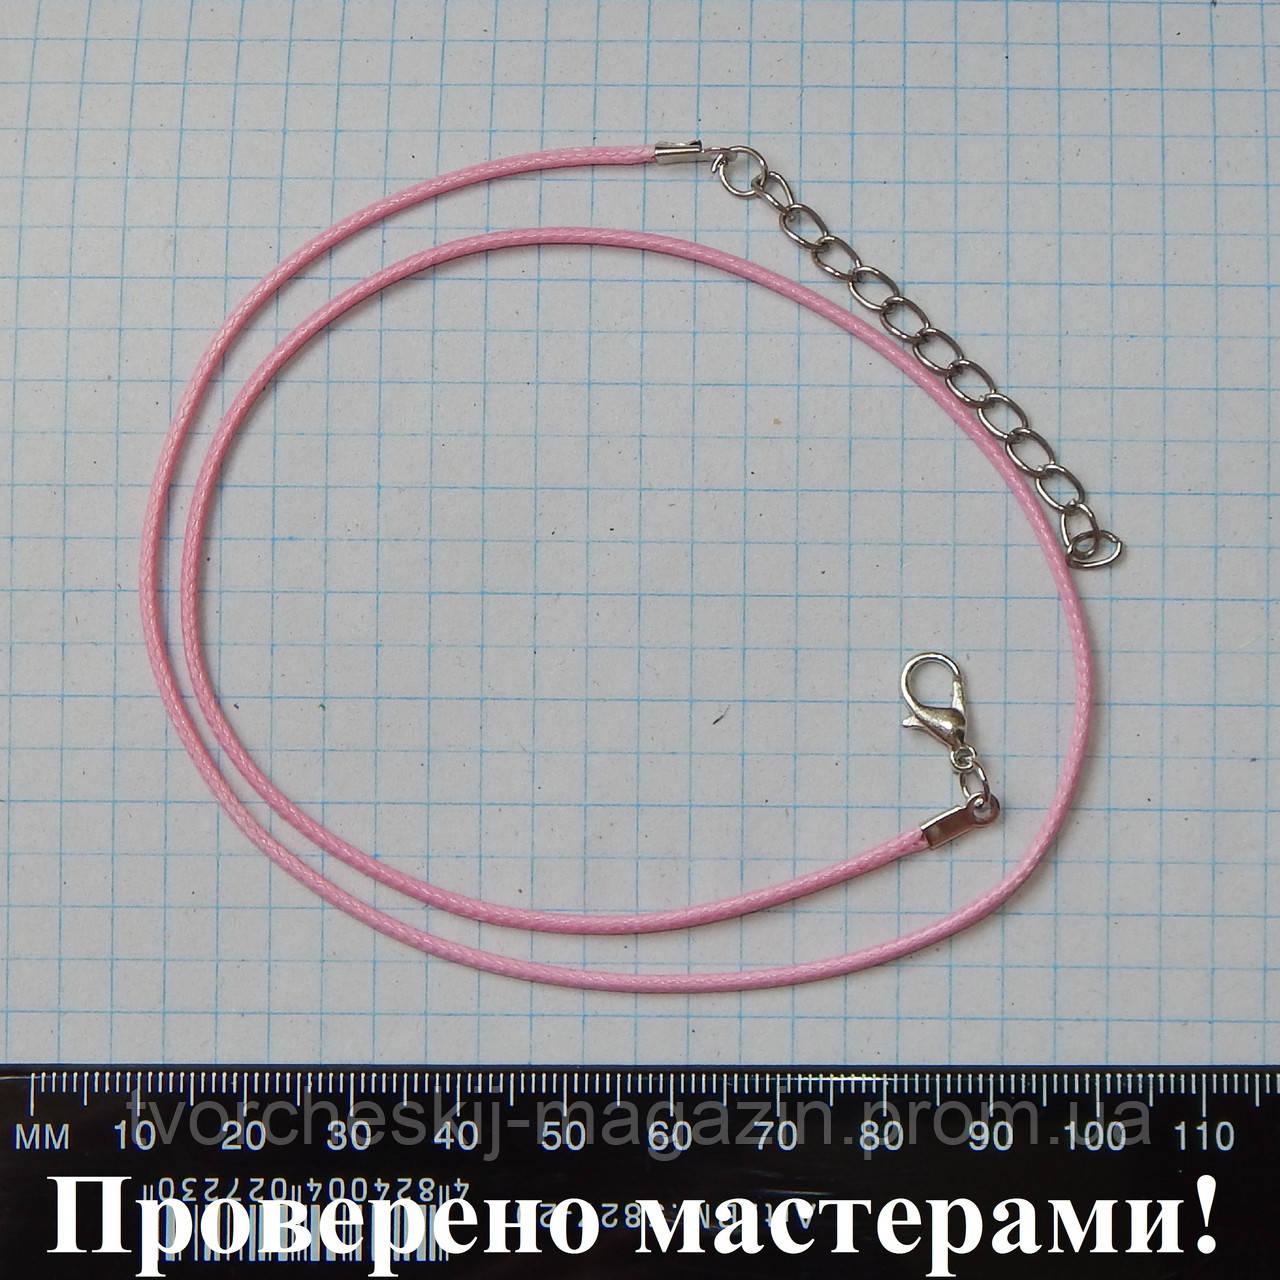 Шнур кожзам плетеный 2 мм с застежкой и удлинителем, 45 см+ удлинитель, светло розовый